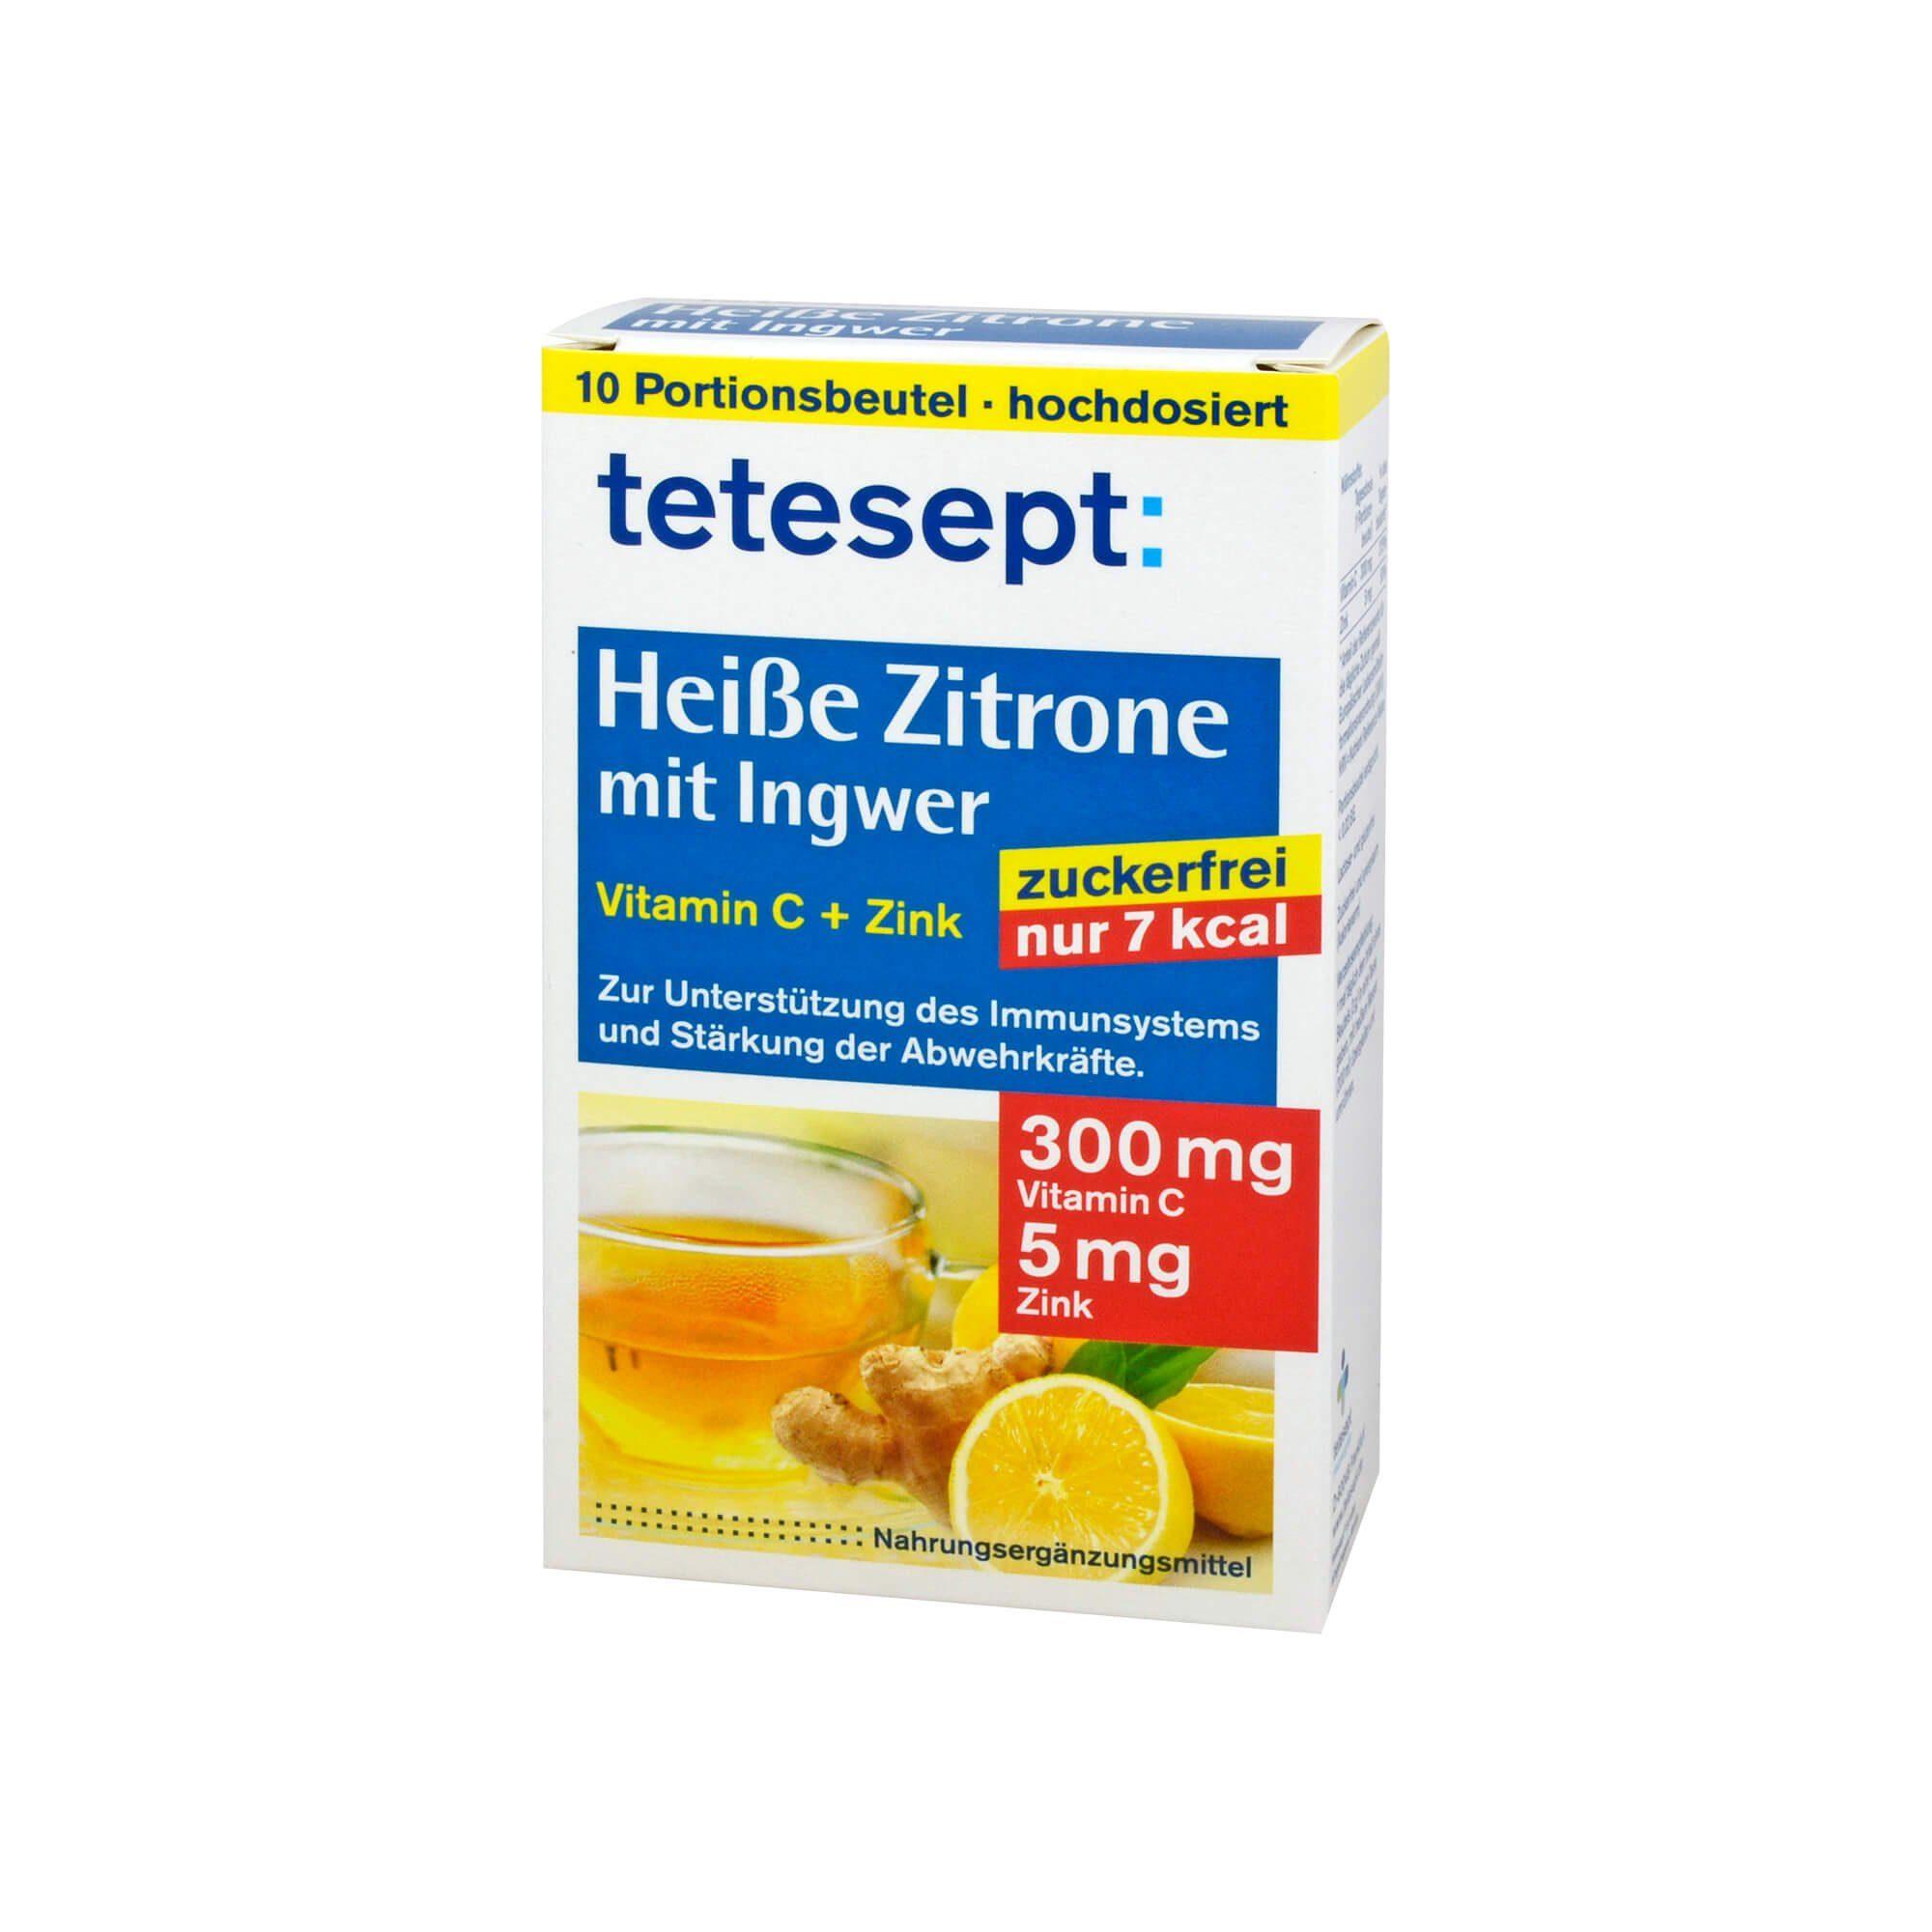 Tetesept Heiße Zitrone mit Ingwer, 10X3 g